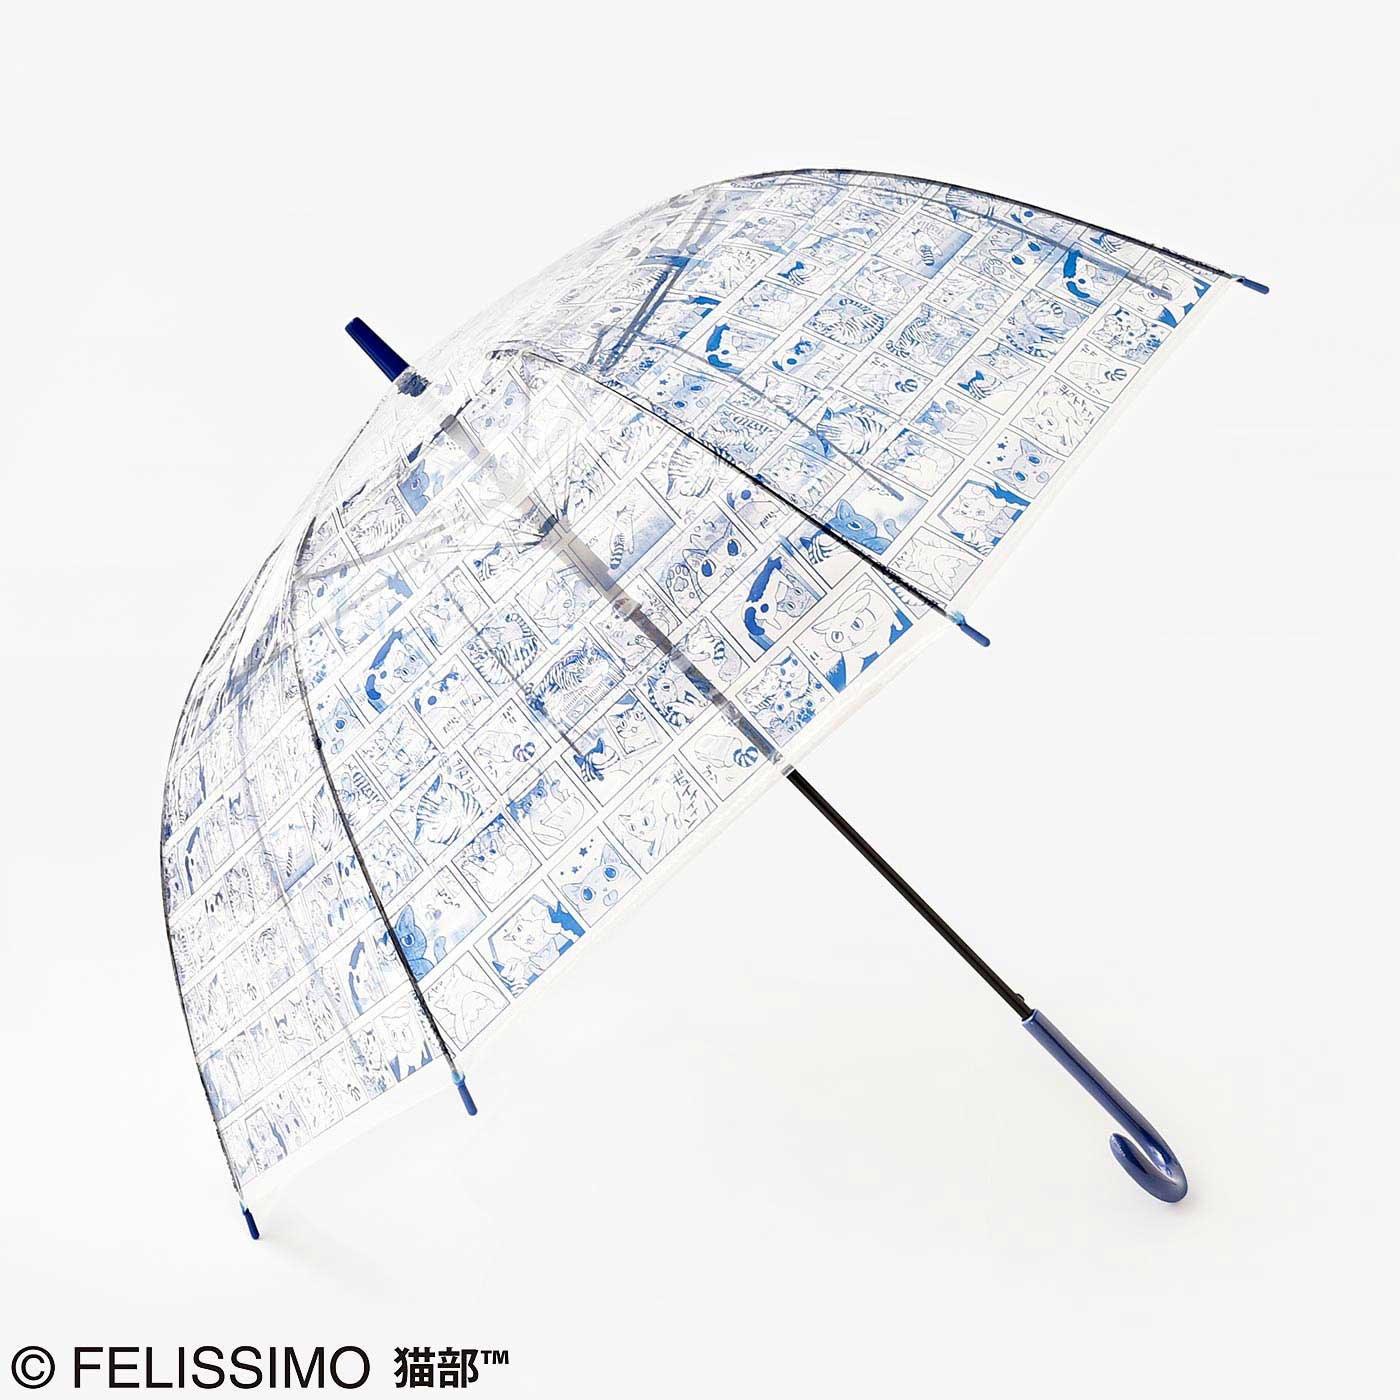 【大物配送】猫部ビニール傘(山野りんりん)